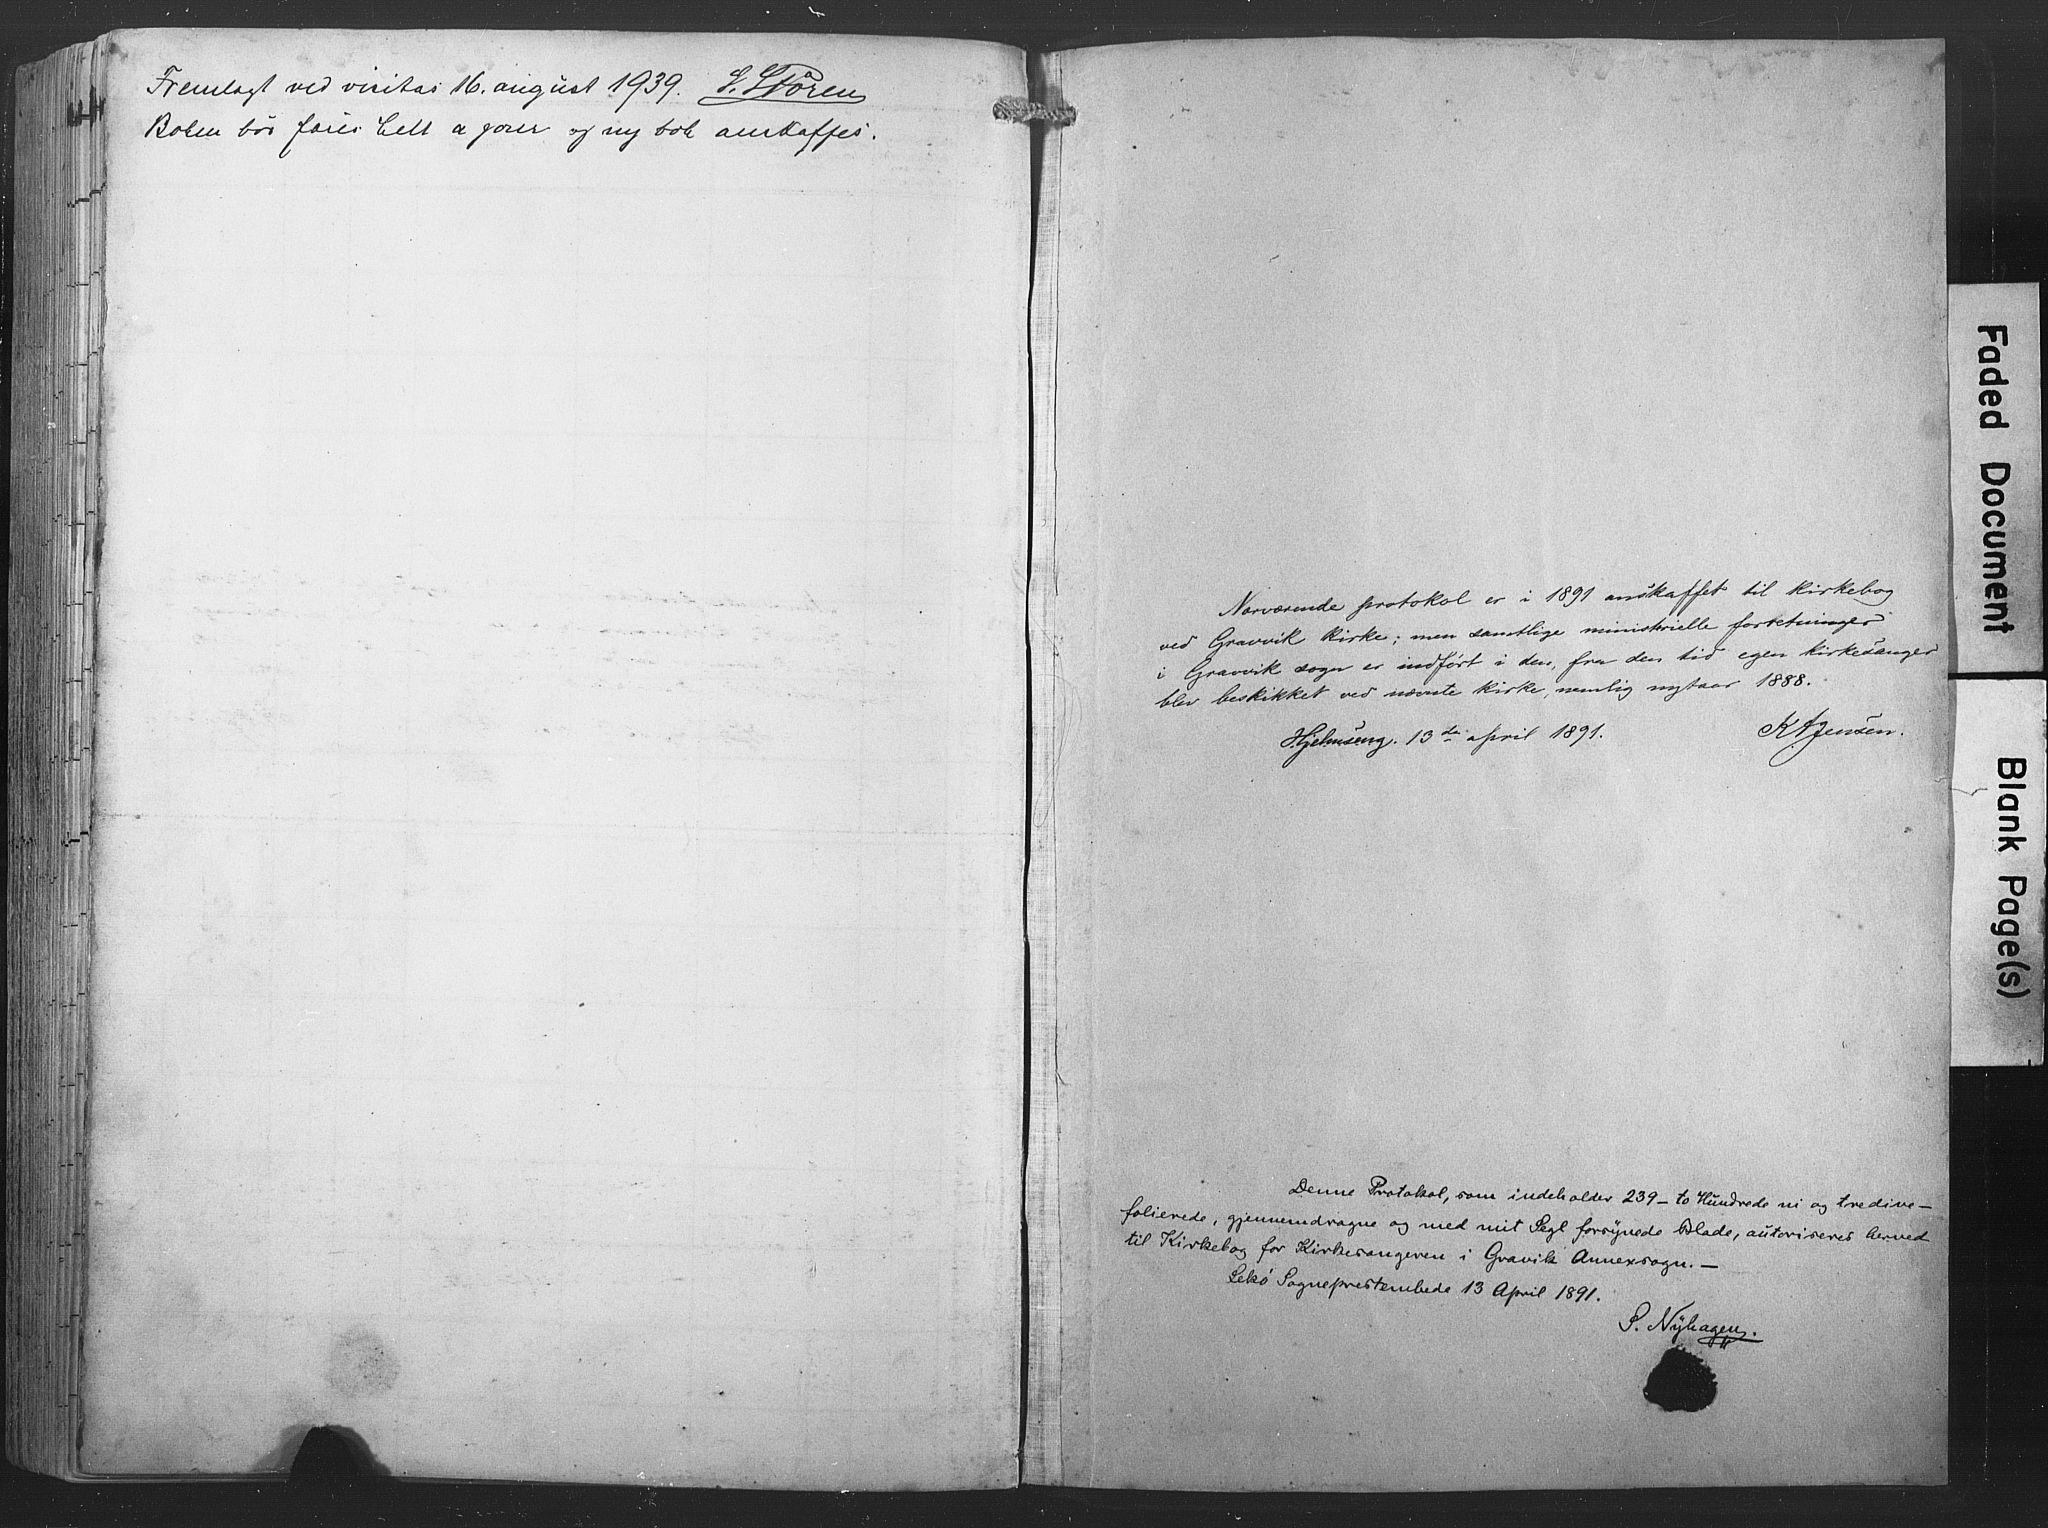 SAT, Ministerialprotokoller, klokkerbøker og fødselsregistre - Nord-Trøndelag, 789/L0706: Klokkerbok nr. 789C01, 1888-1931